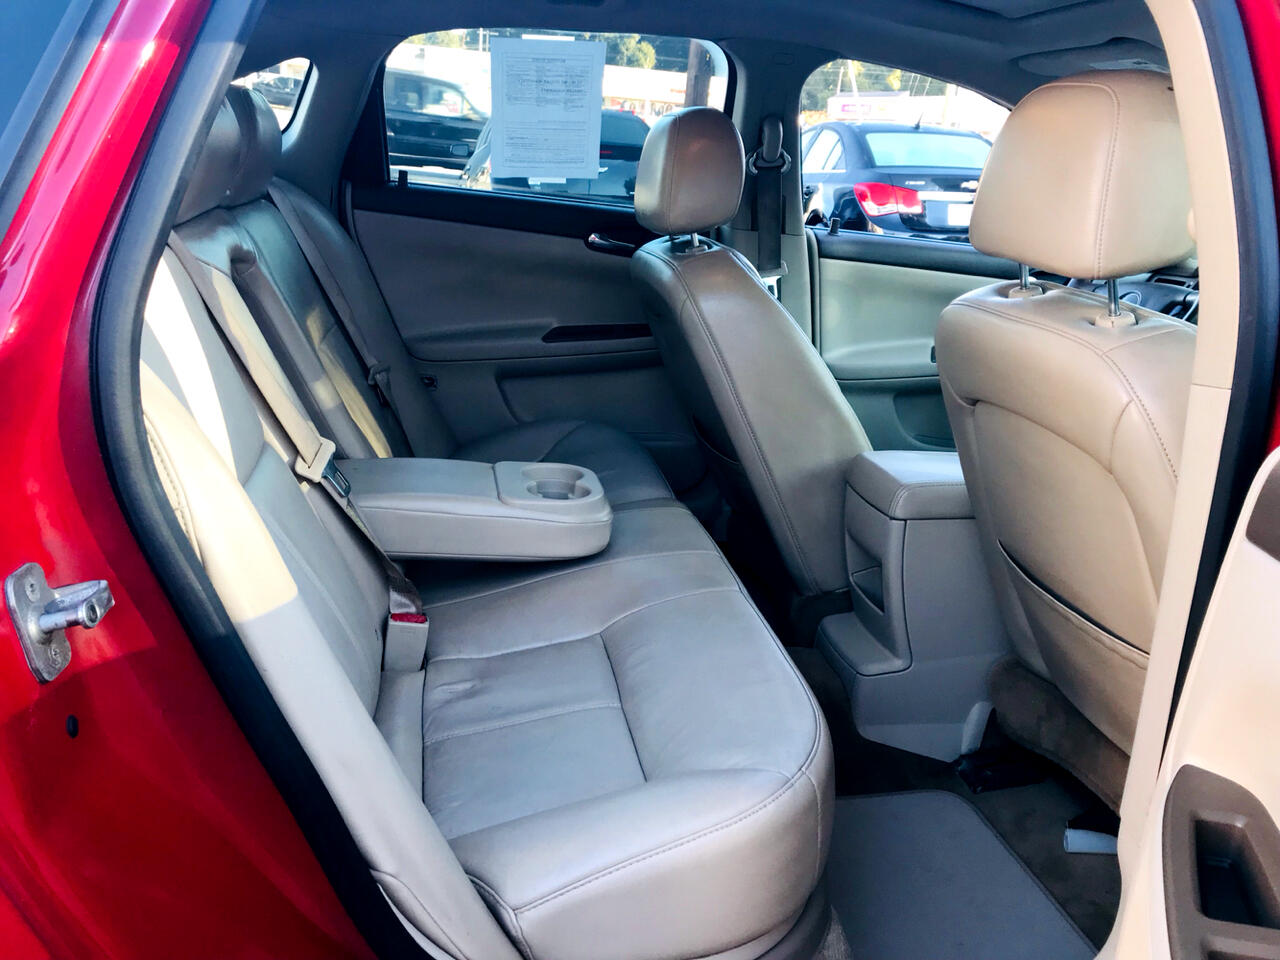 2008 Chevrolet Impala LTZ